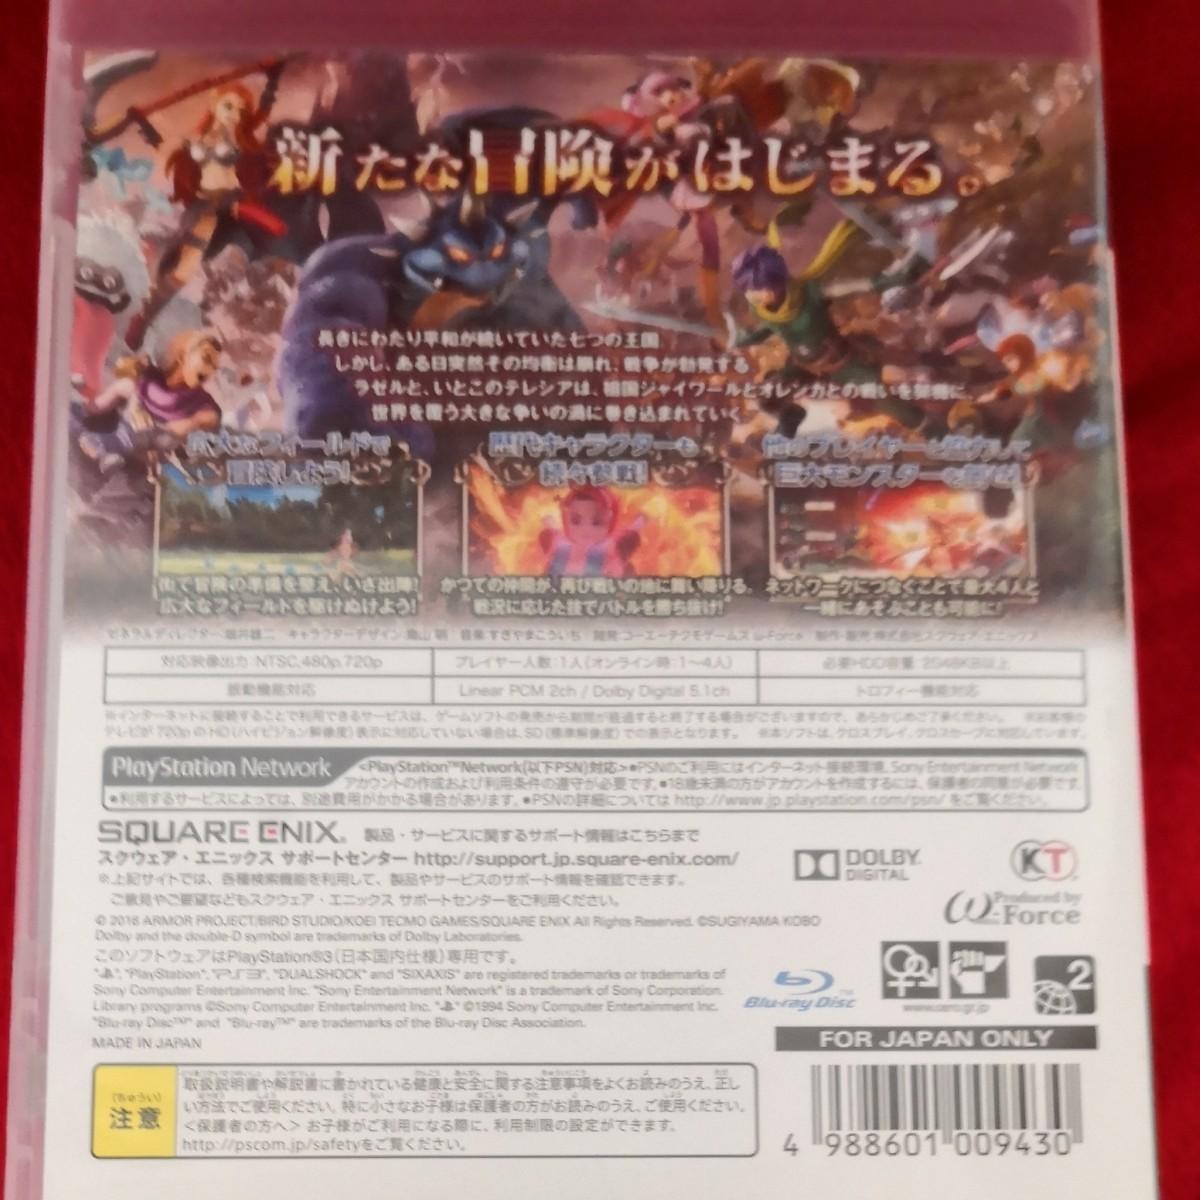 ドラゴンクエストヒーローズ 2個セット![送料無料]